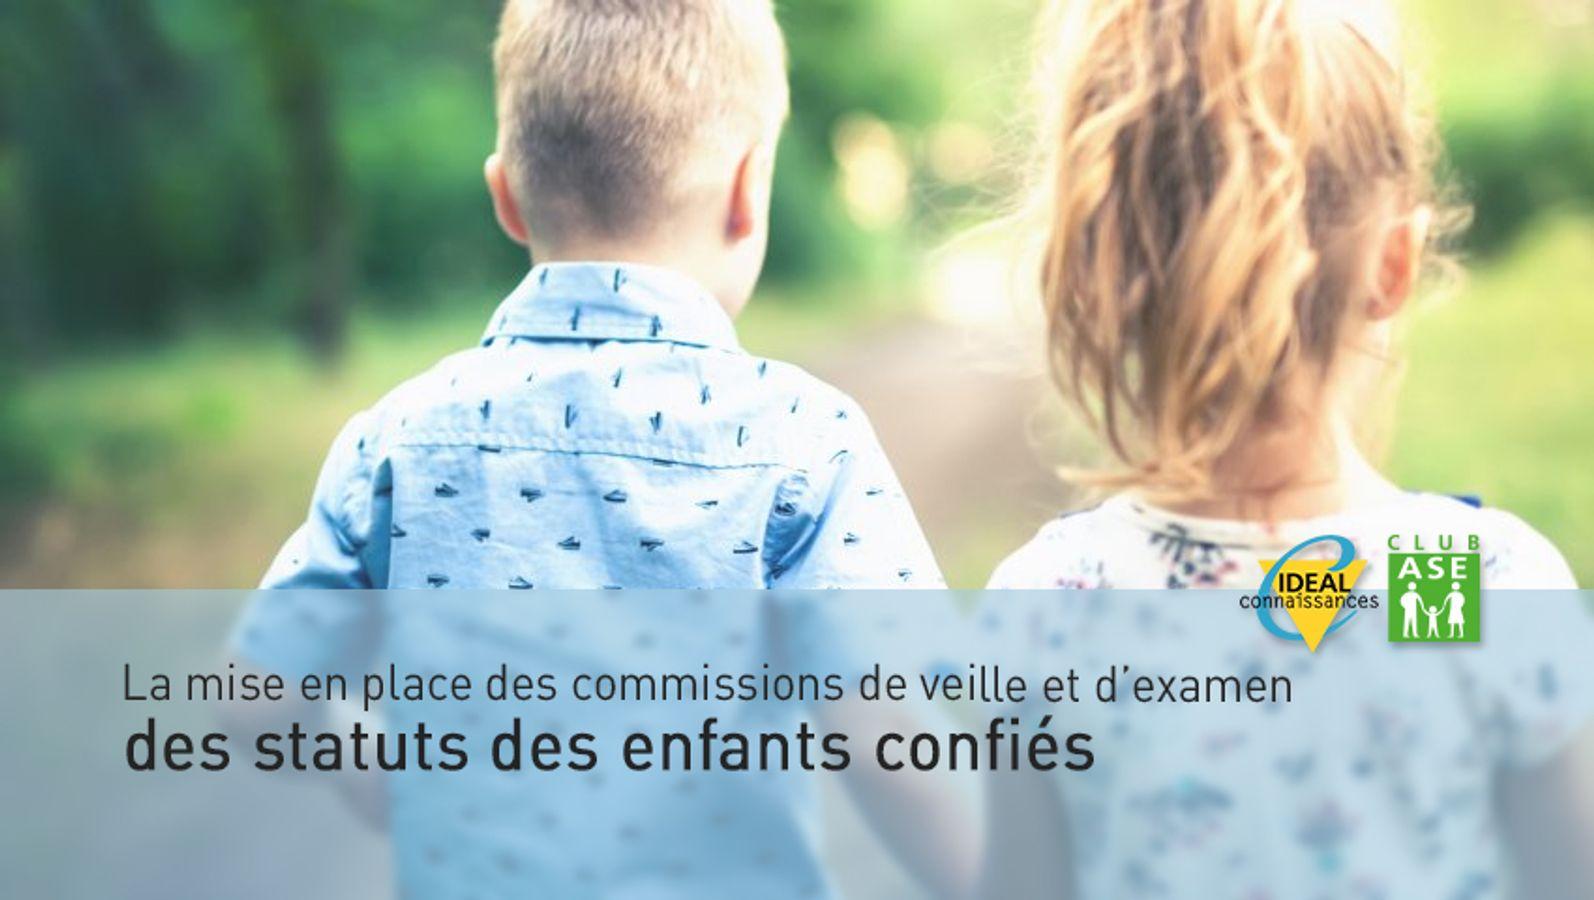 La mise en place des commissions de veille et d'examen des statuts des enfants confiés : Etats des lieux et témoignages inspirants